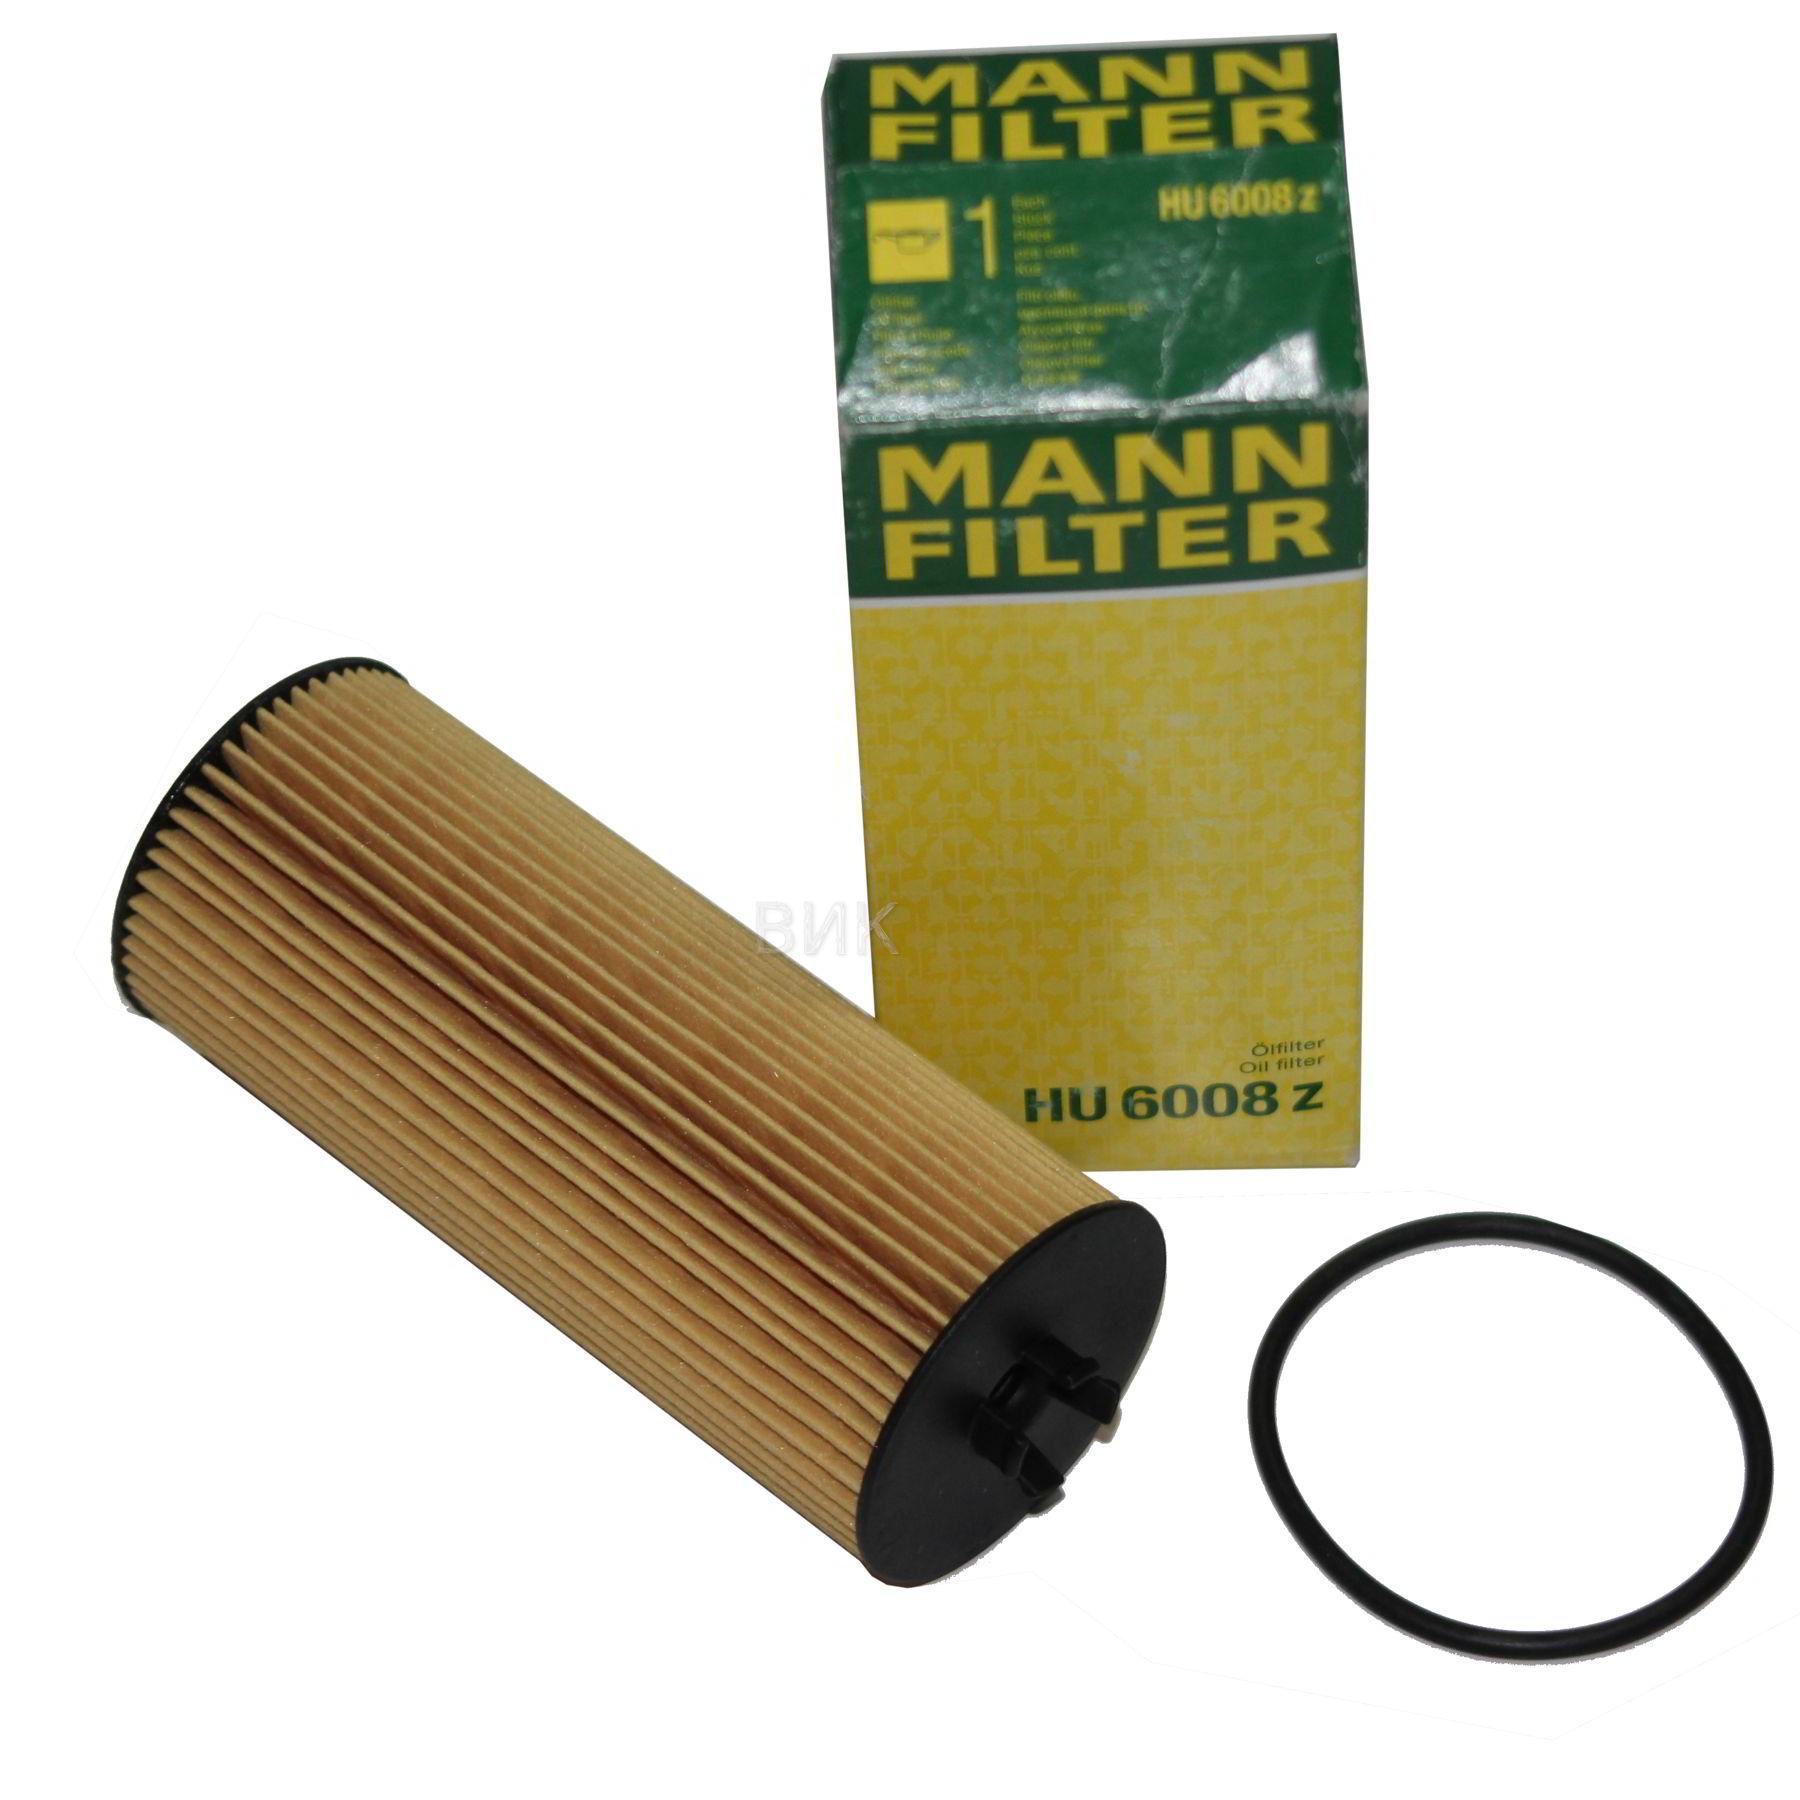 MANN-FILTER ÖLFILTER MERCEDES HU6008z